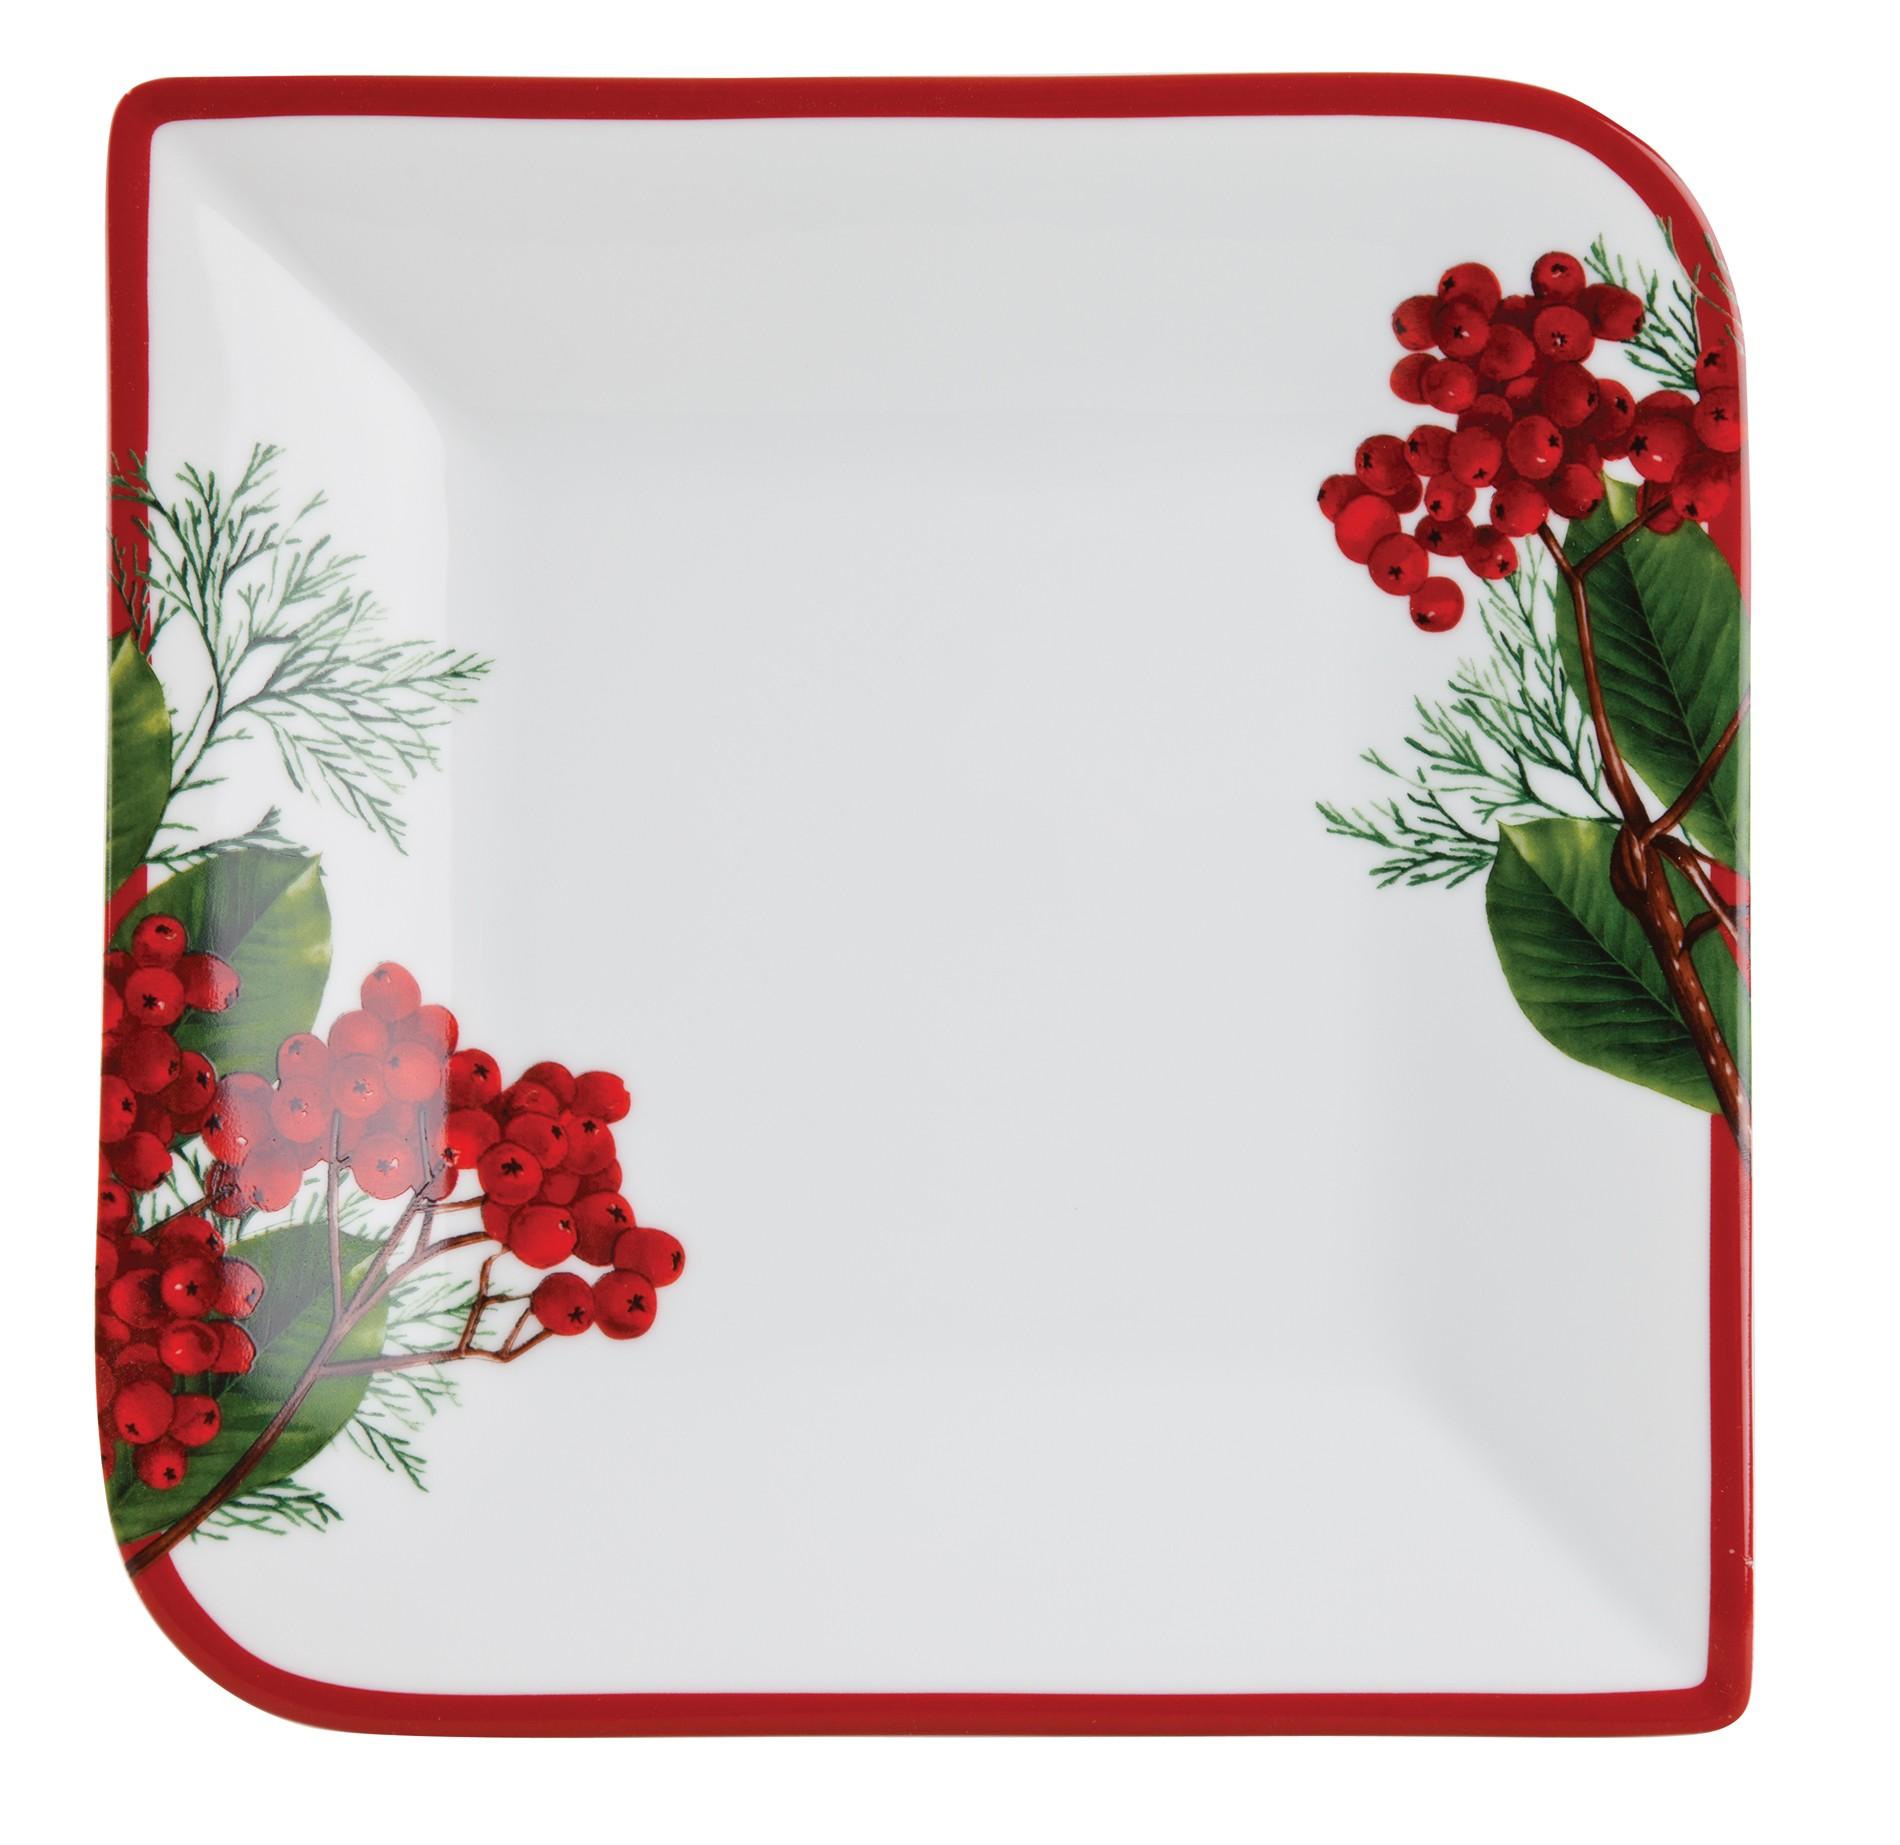 Πιάτο Τετράγωνο Ρηχό Red Berry 22cm Ionia home   ειδη σερβιρισματος   πιάτα